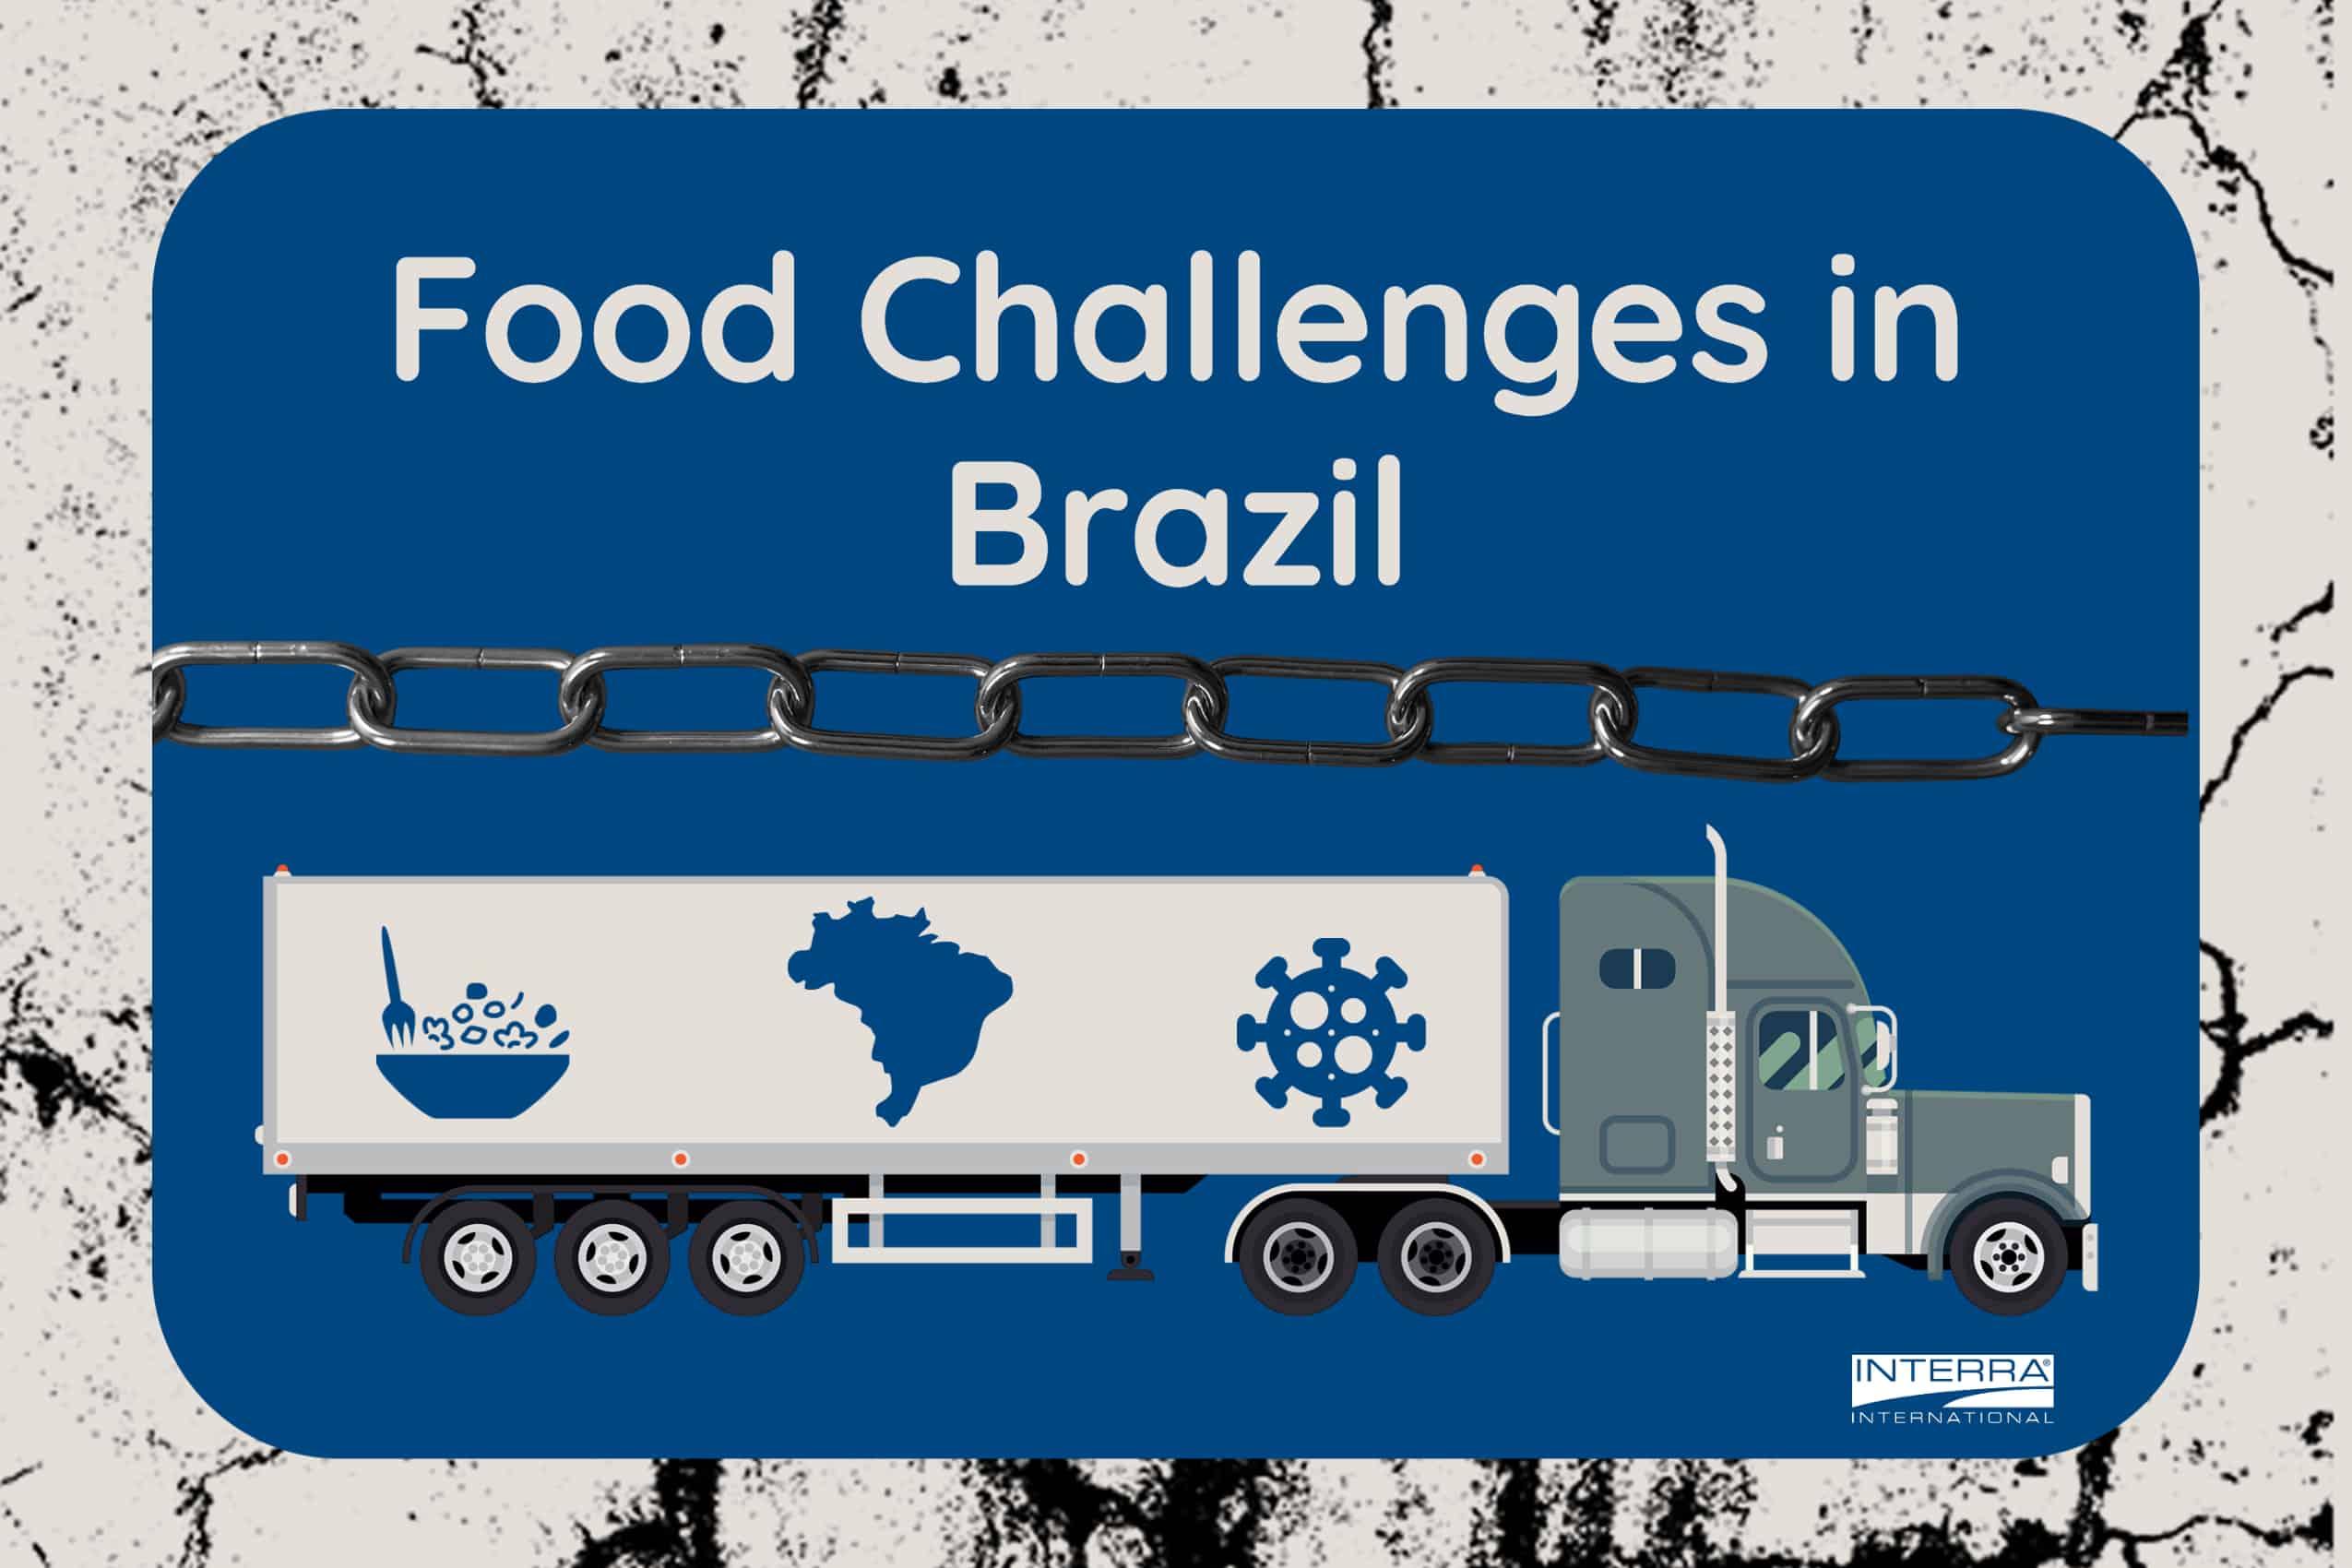 Interra International | Food Challenges in Brazil